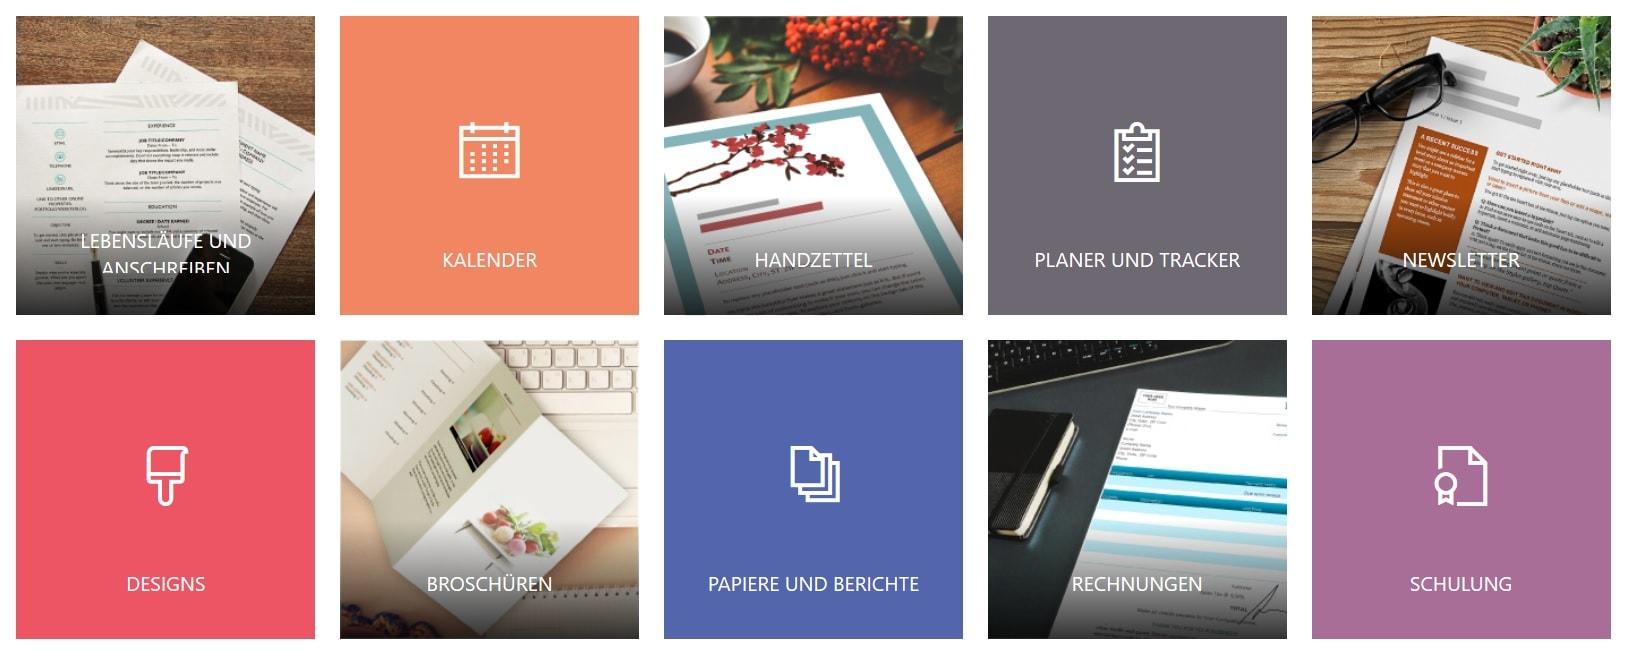 Vorlagen & Designs für Microsoft Office kostenlos | ms-office-kaufen.de